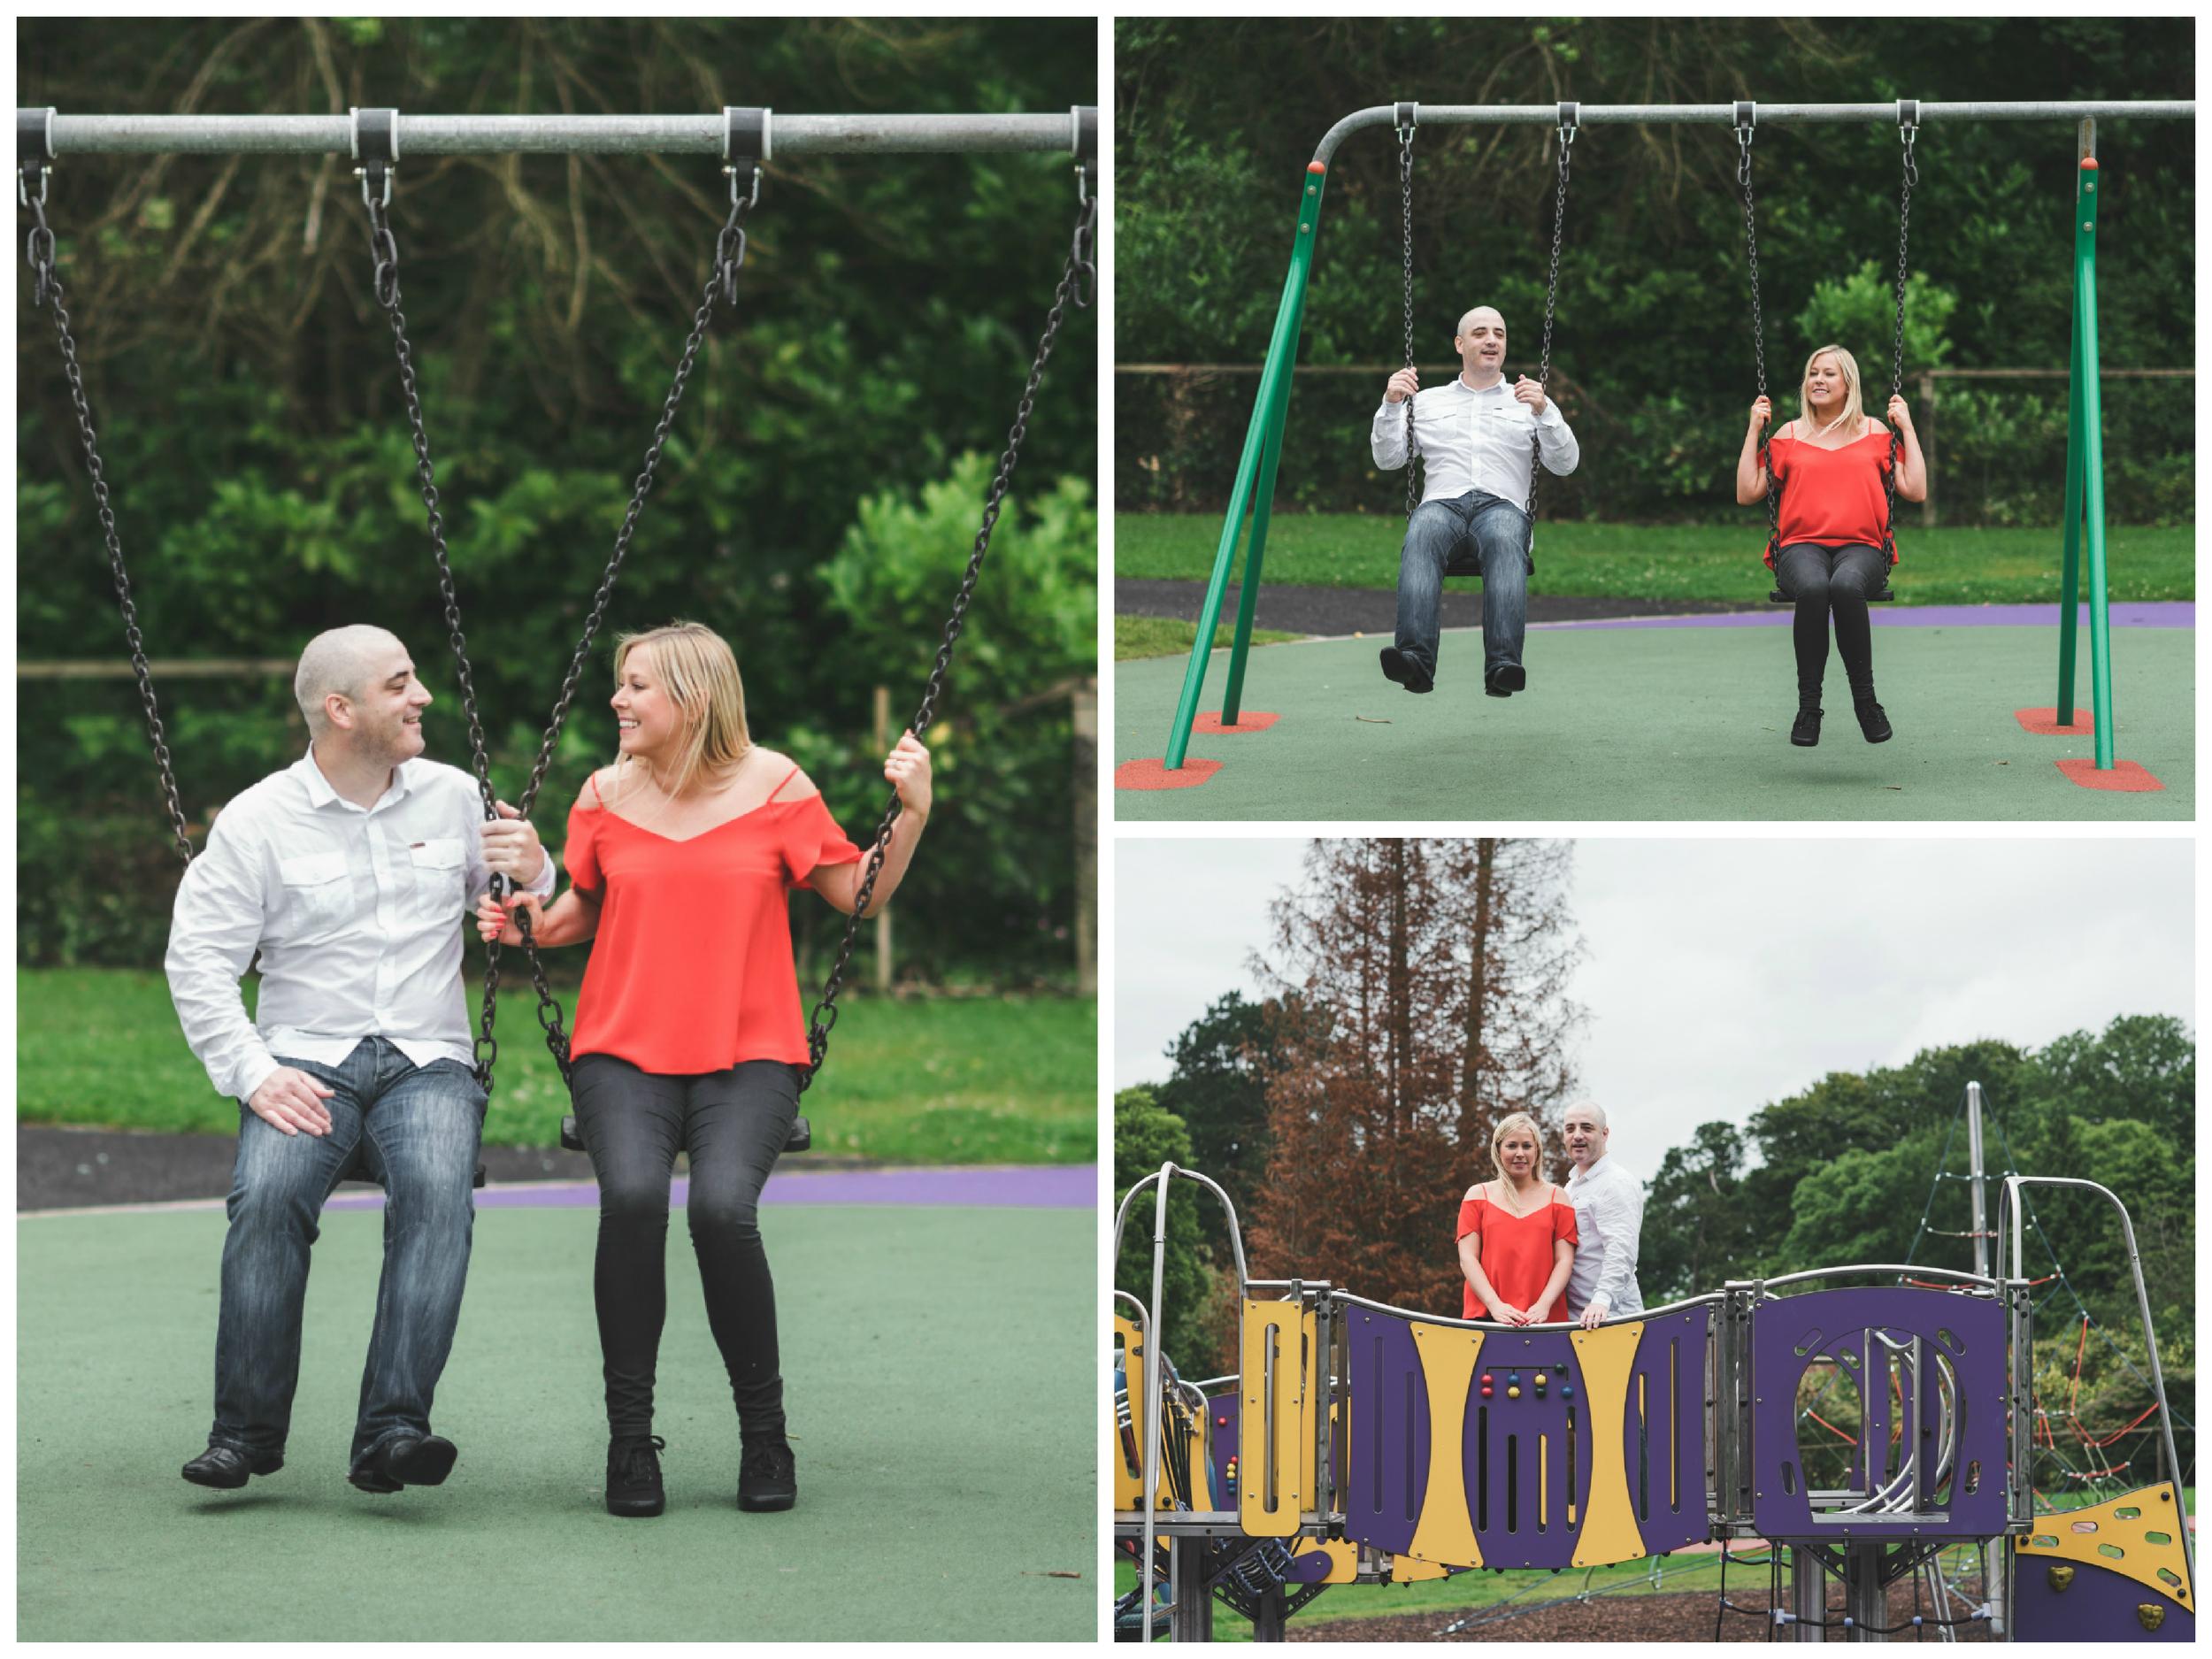 Engagement_Photographs_Belfast_Lady_Dixons_Park_Swings